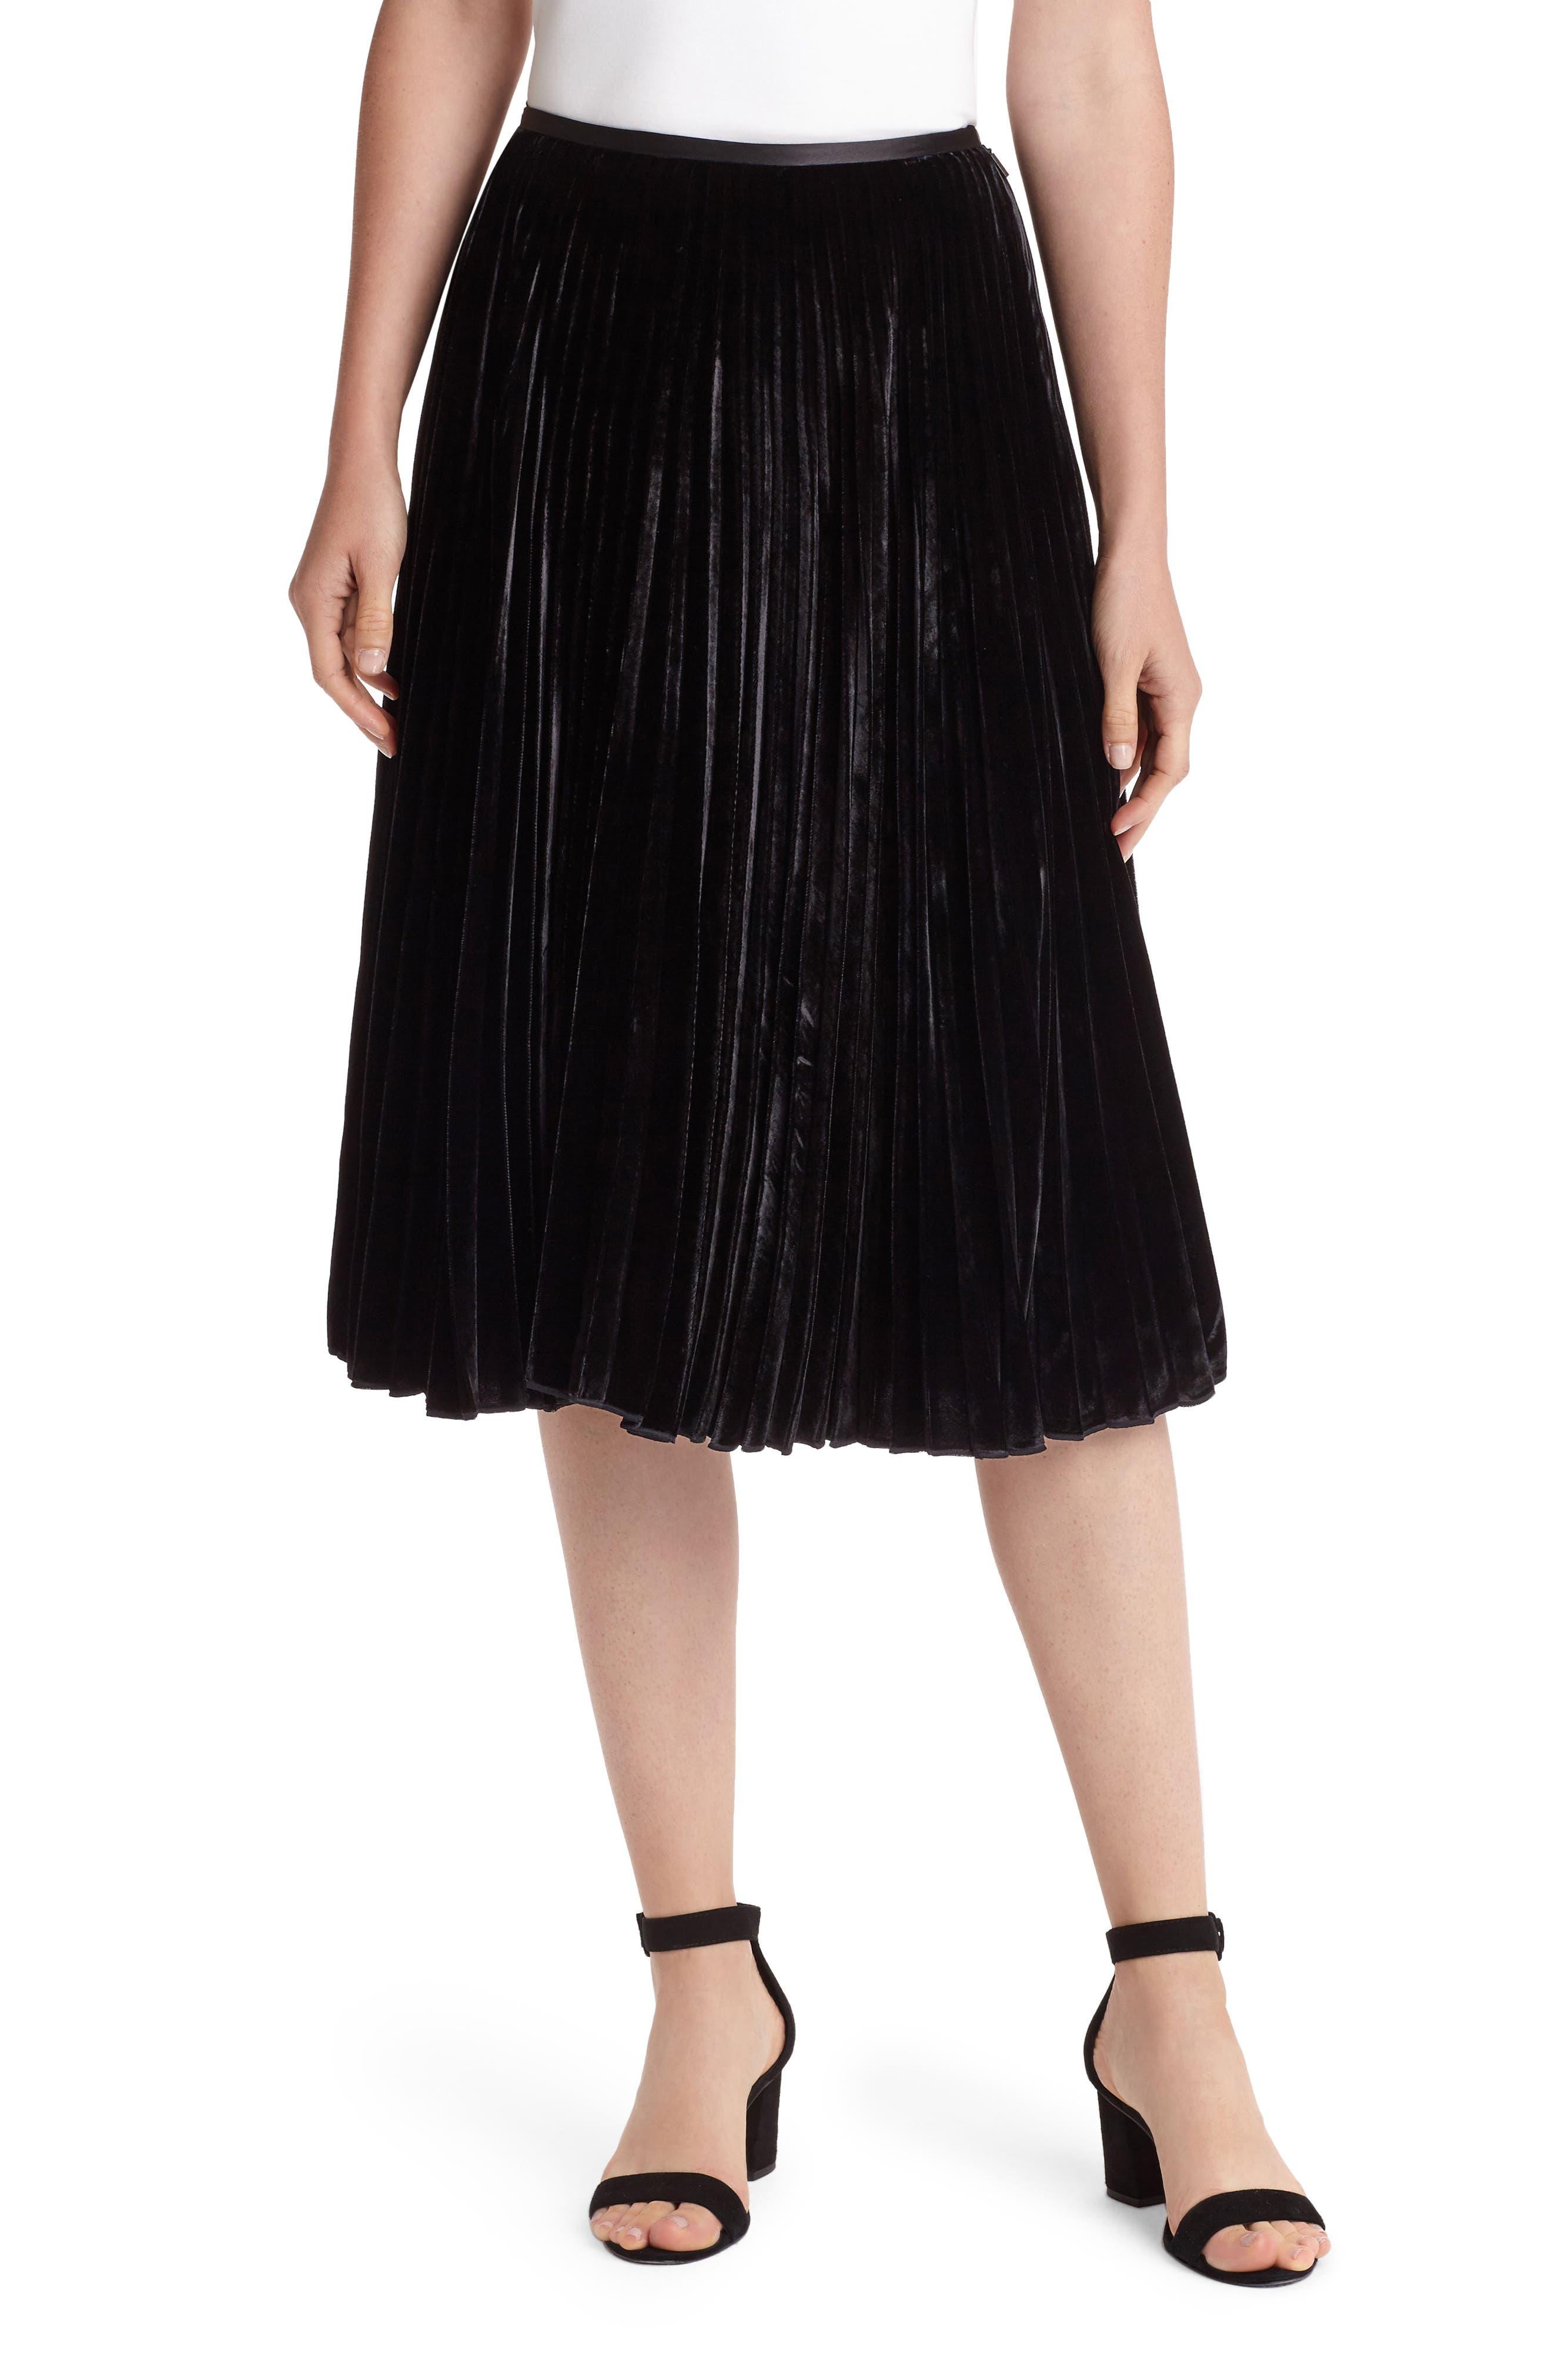 Alternate Image 1 Selected - Lafayette 148 New York Ranella Velvet Skirt